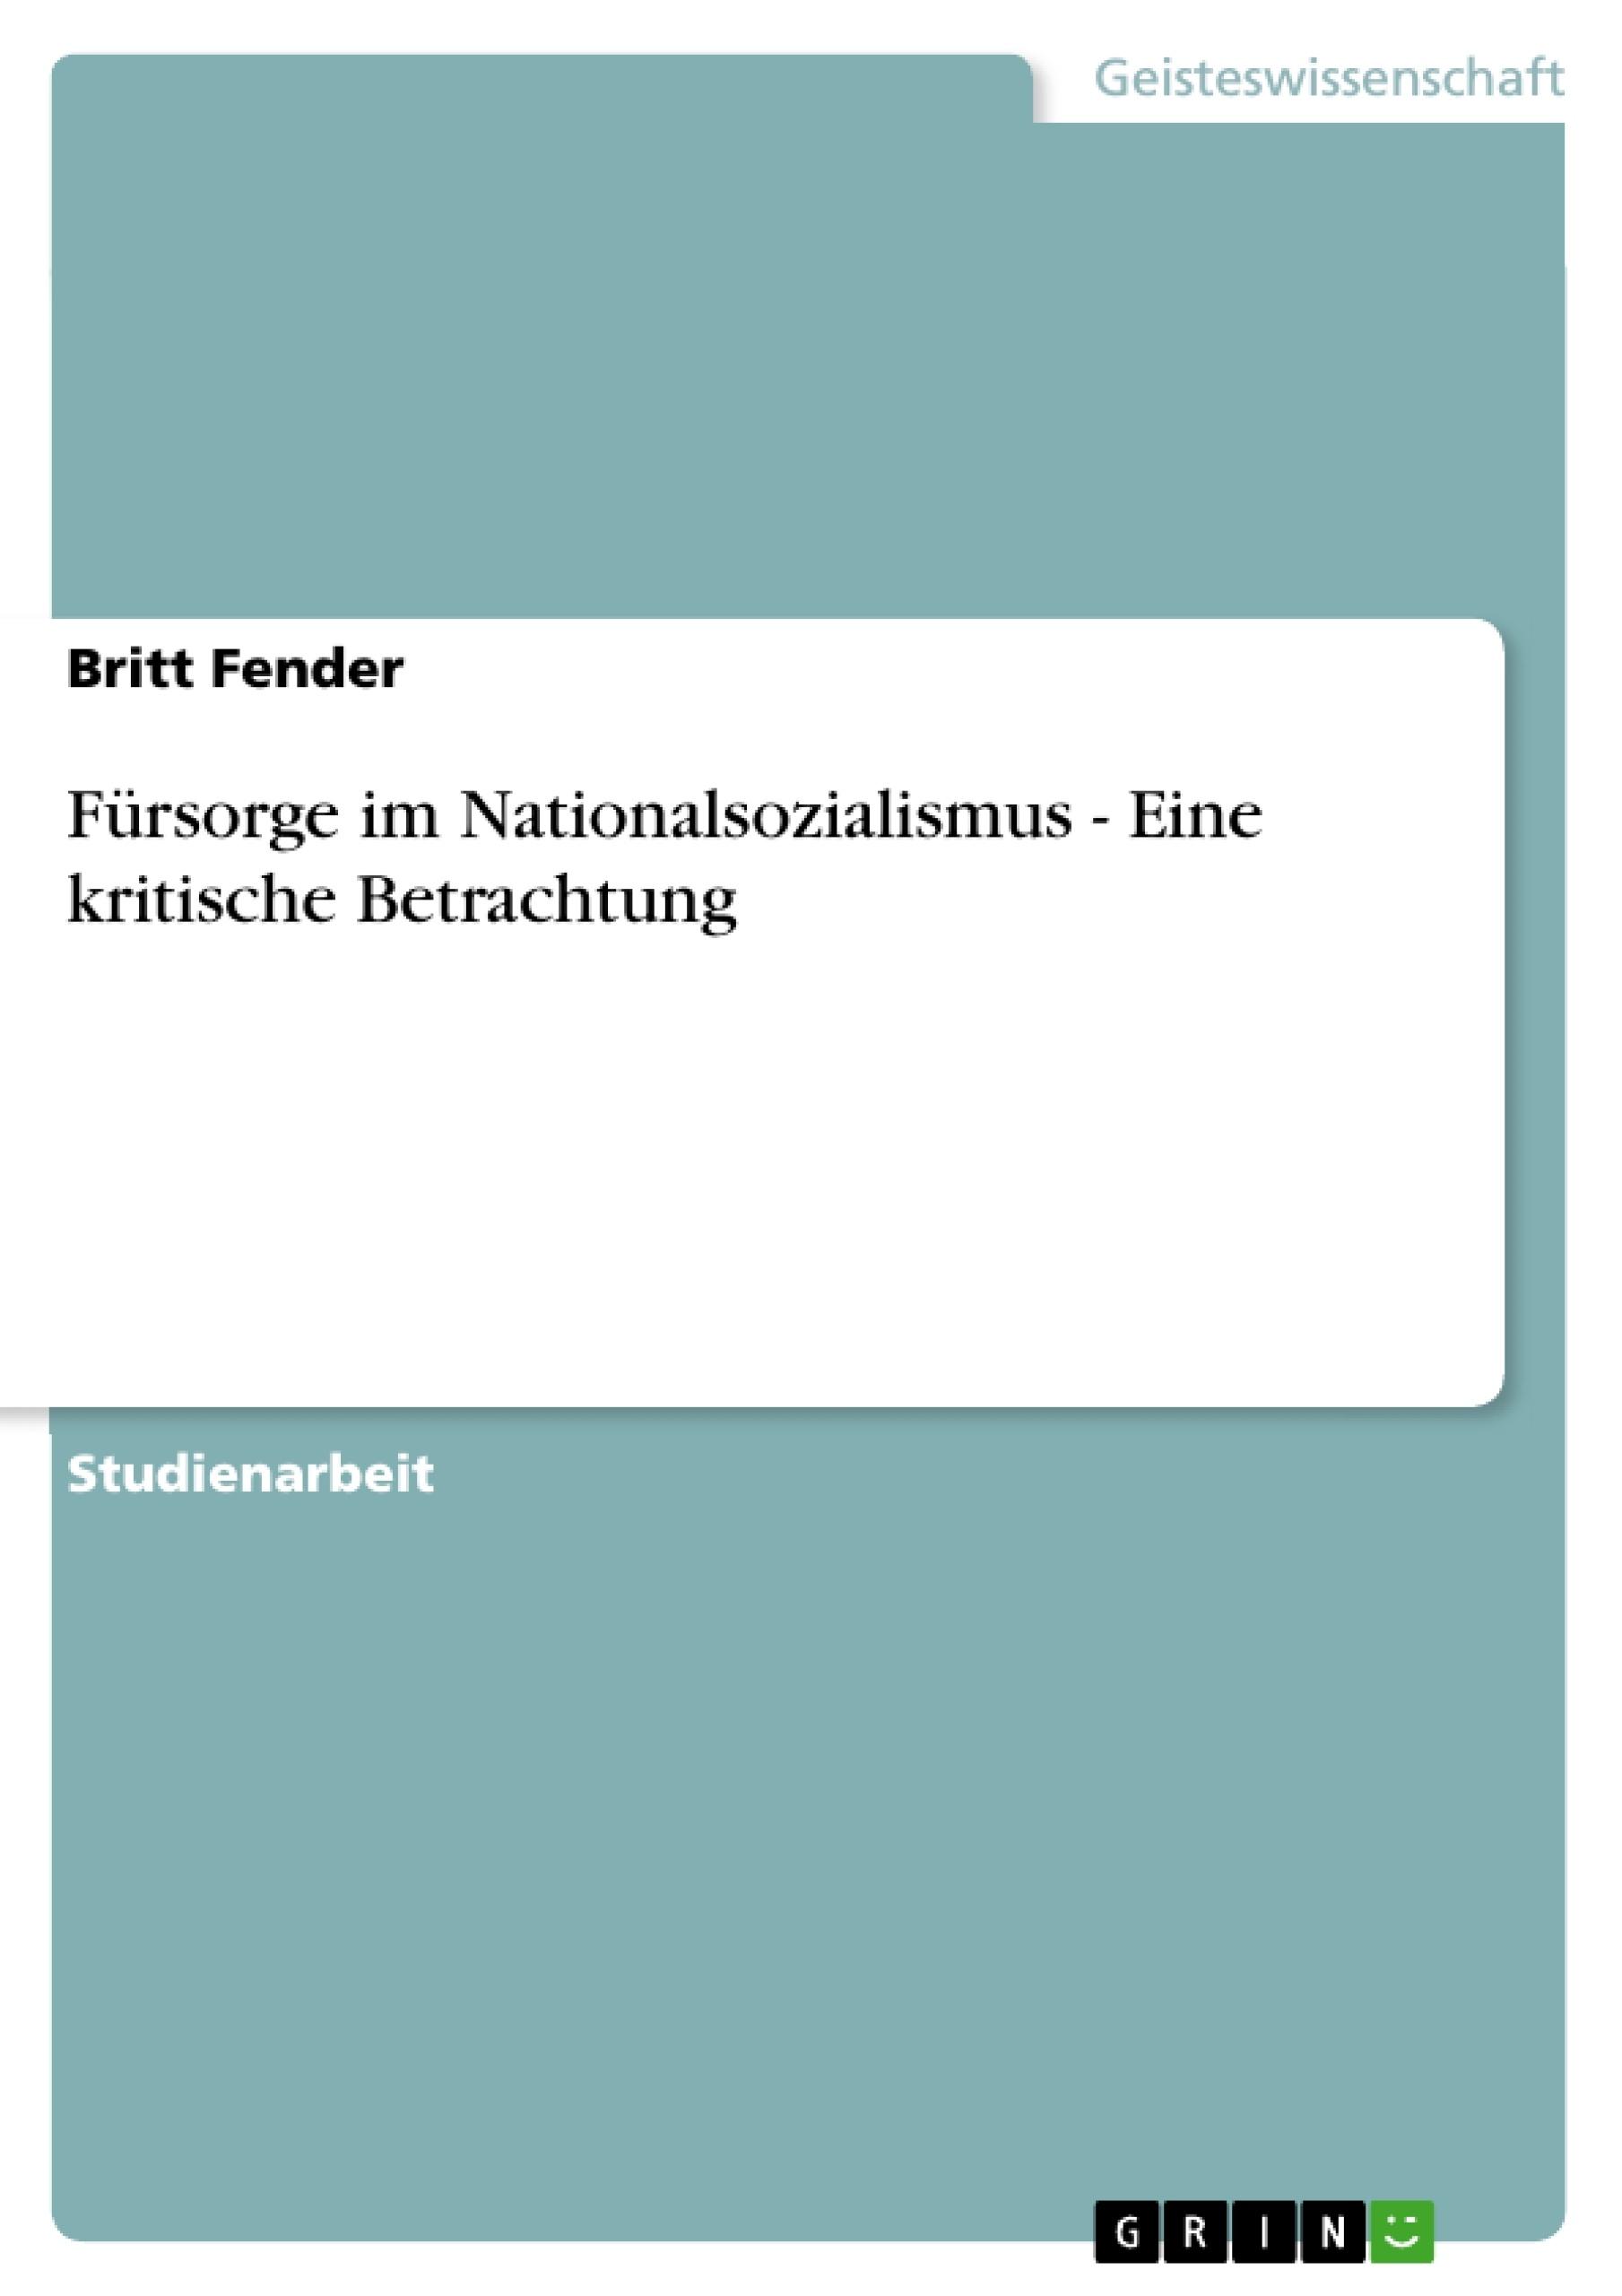 Titel: Fürsorge im Nationalsozialismus - Eine kritische Betrachtung